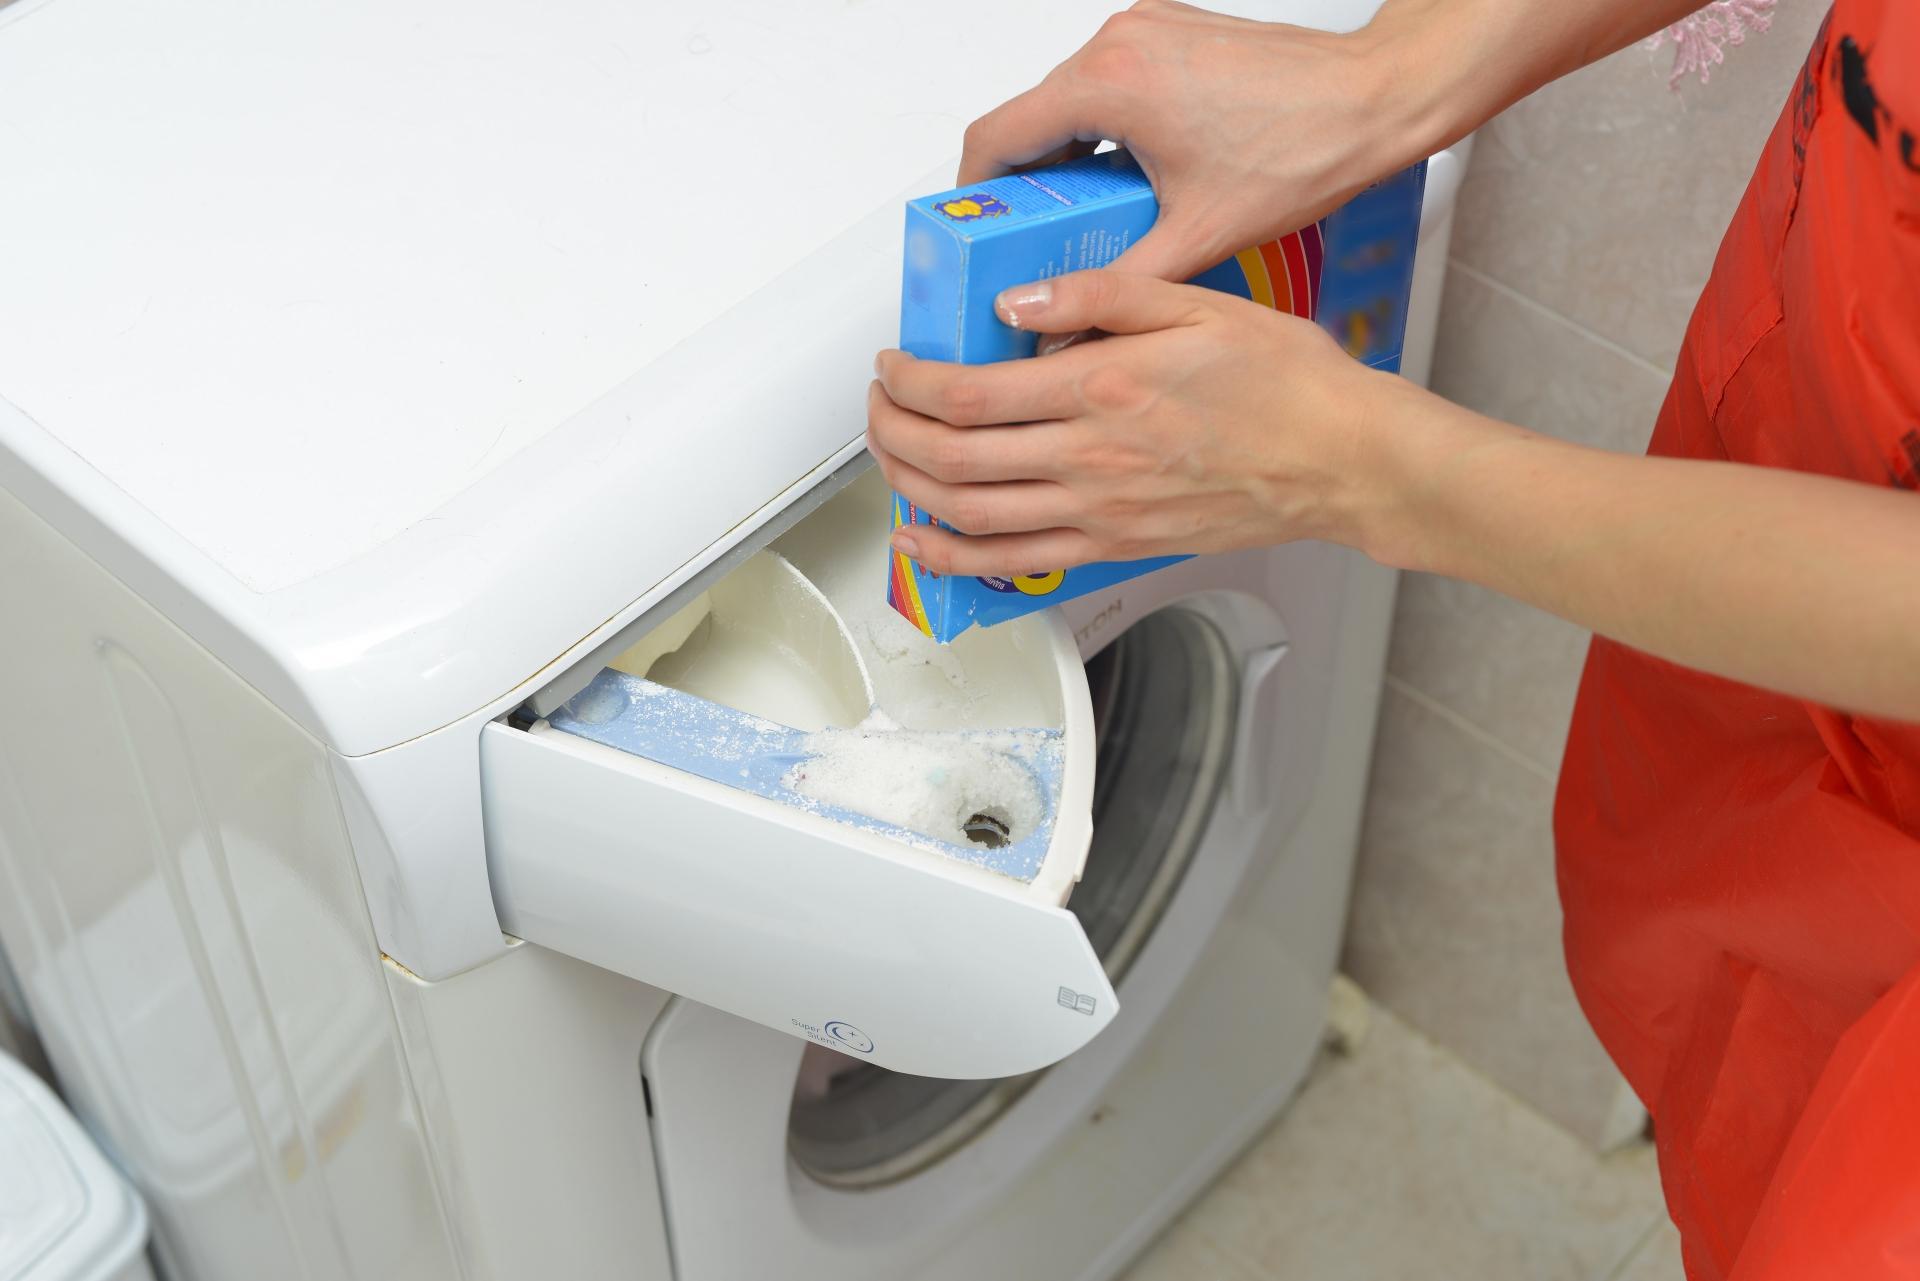 洗濯機に洗剤を直接入れてもいいの?